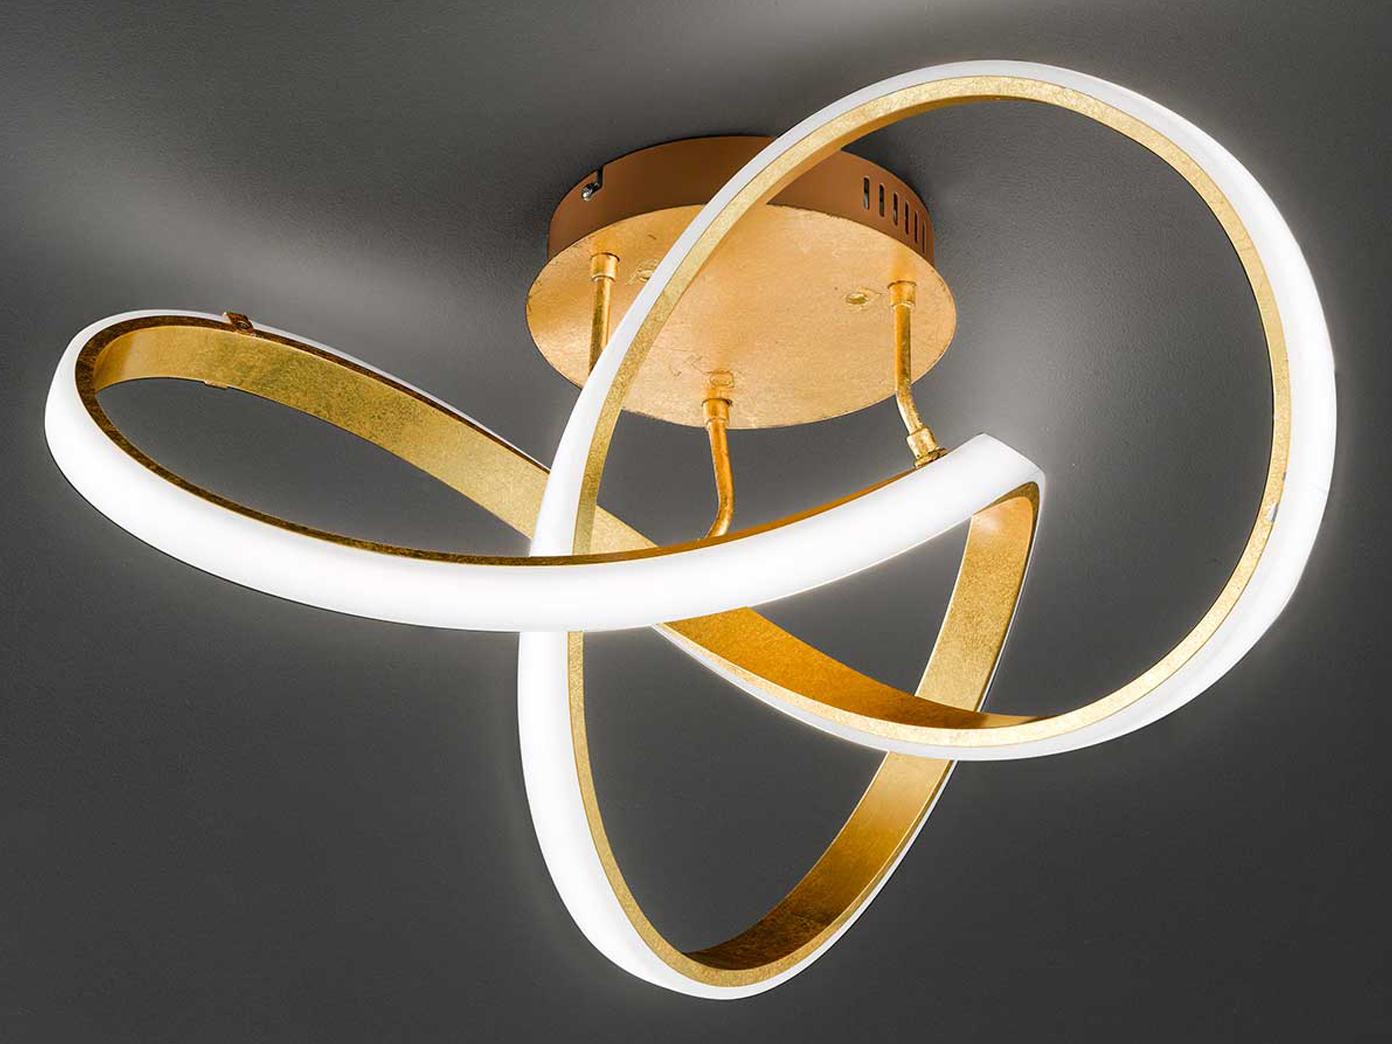 Ausgefallene Deckenleuchte LED dimmbar Gold Designer Deckenleuchten  Wohnzimmer